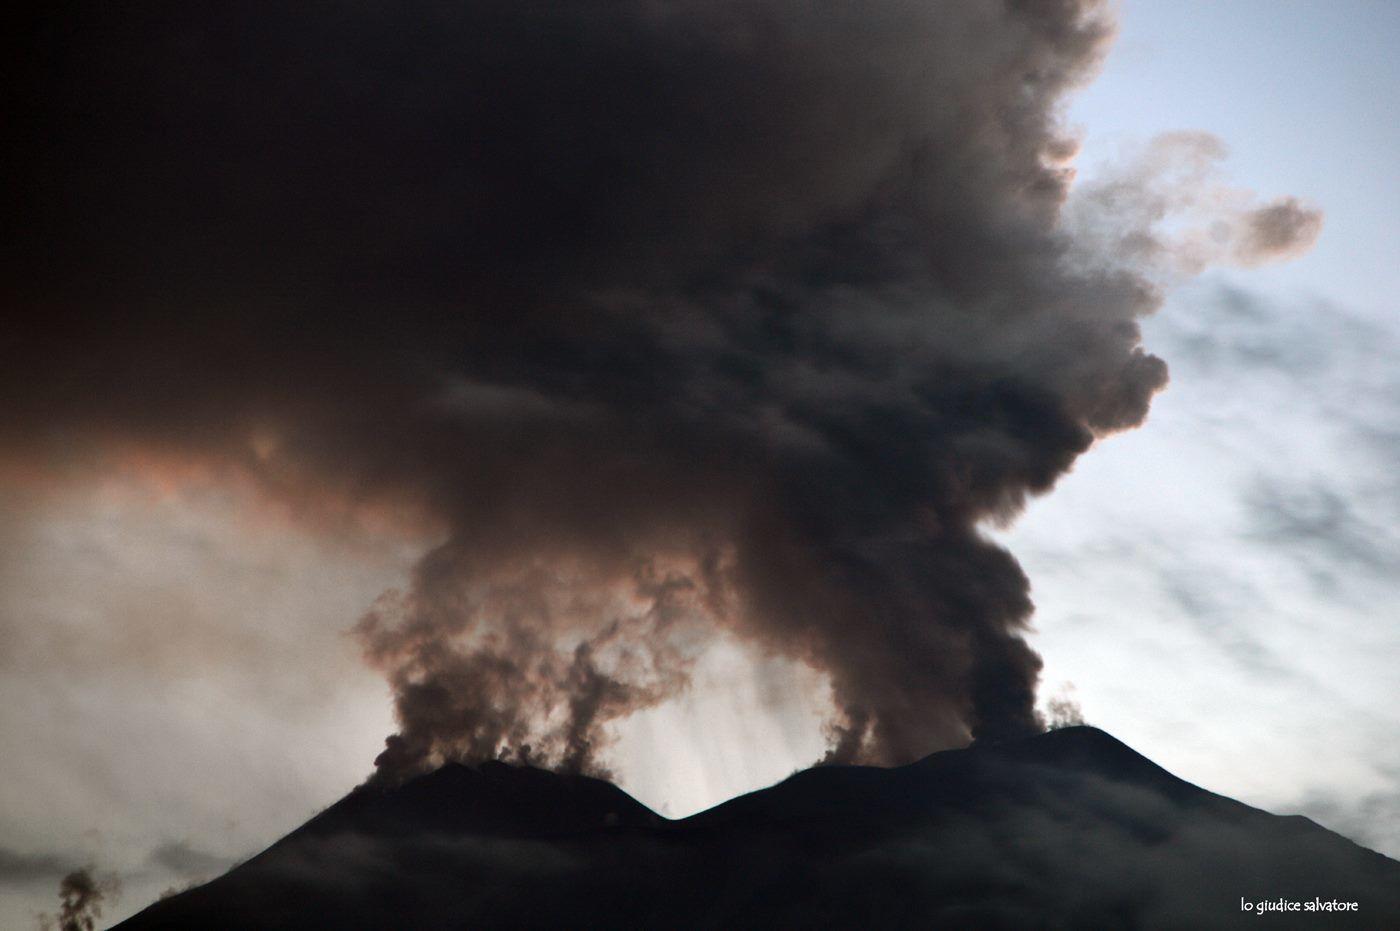 Etna - 19.01.2019 / 18h - Emission of ash at NE crater- photo Salvatore Lo Giudice